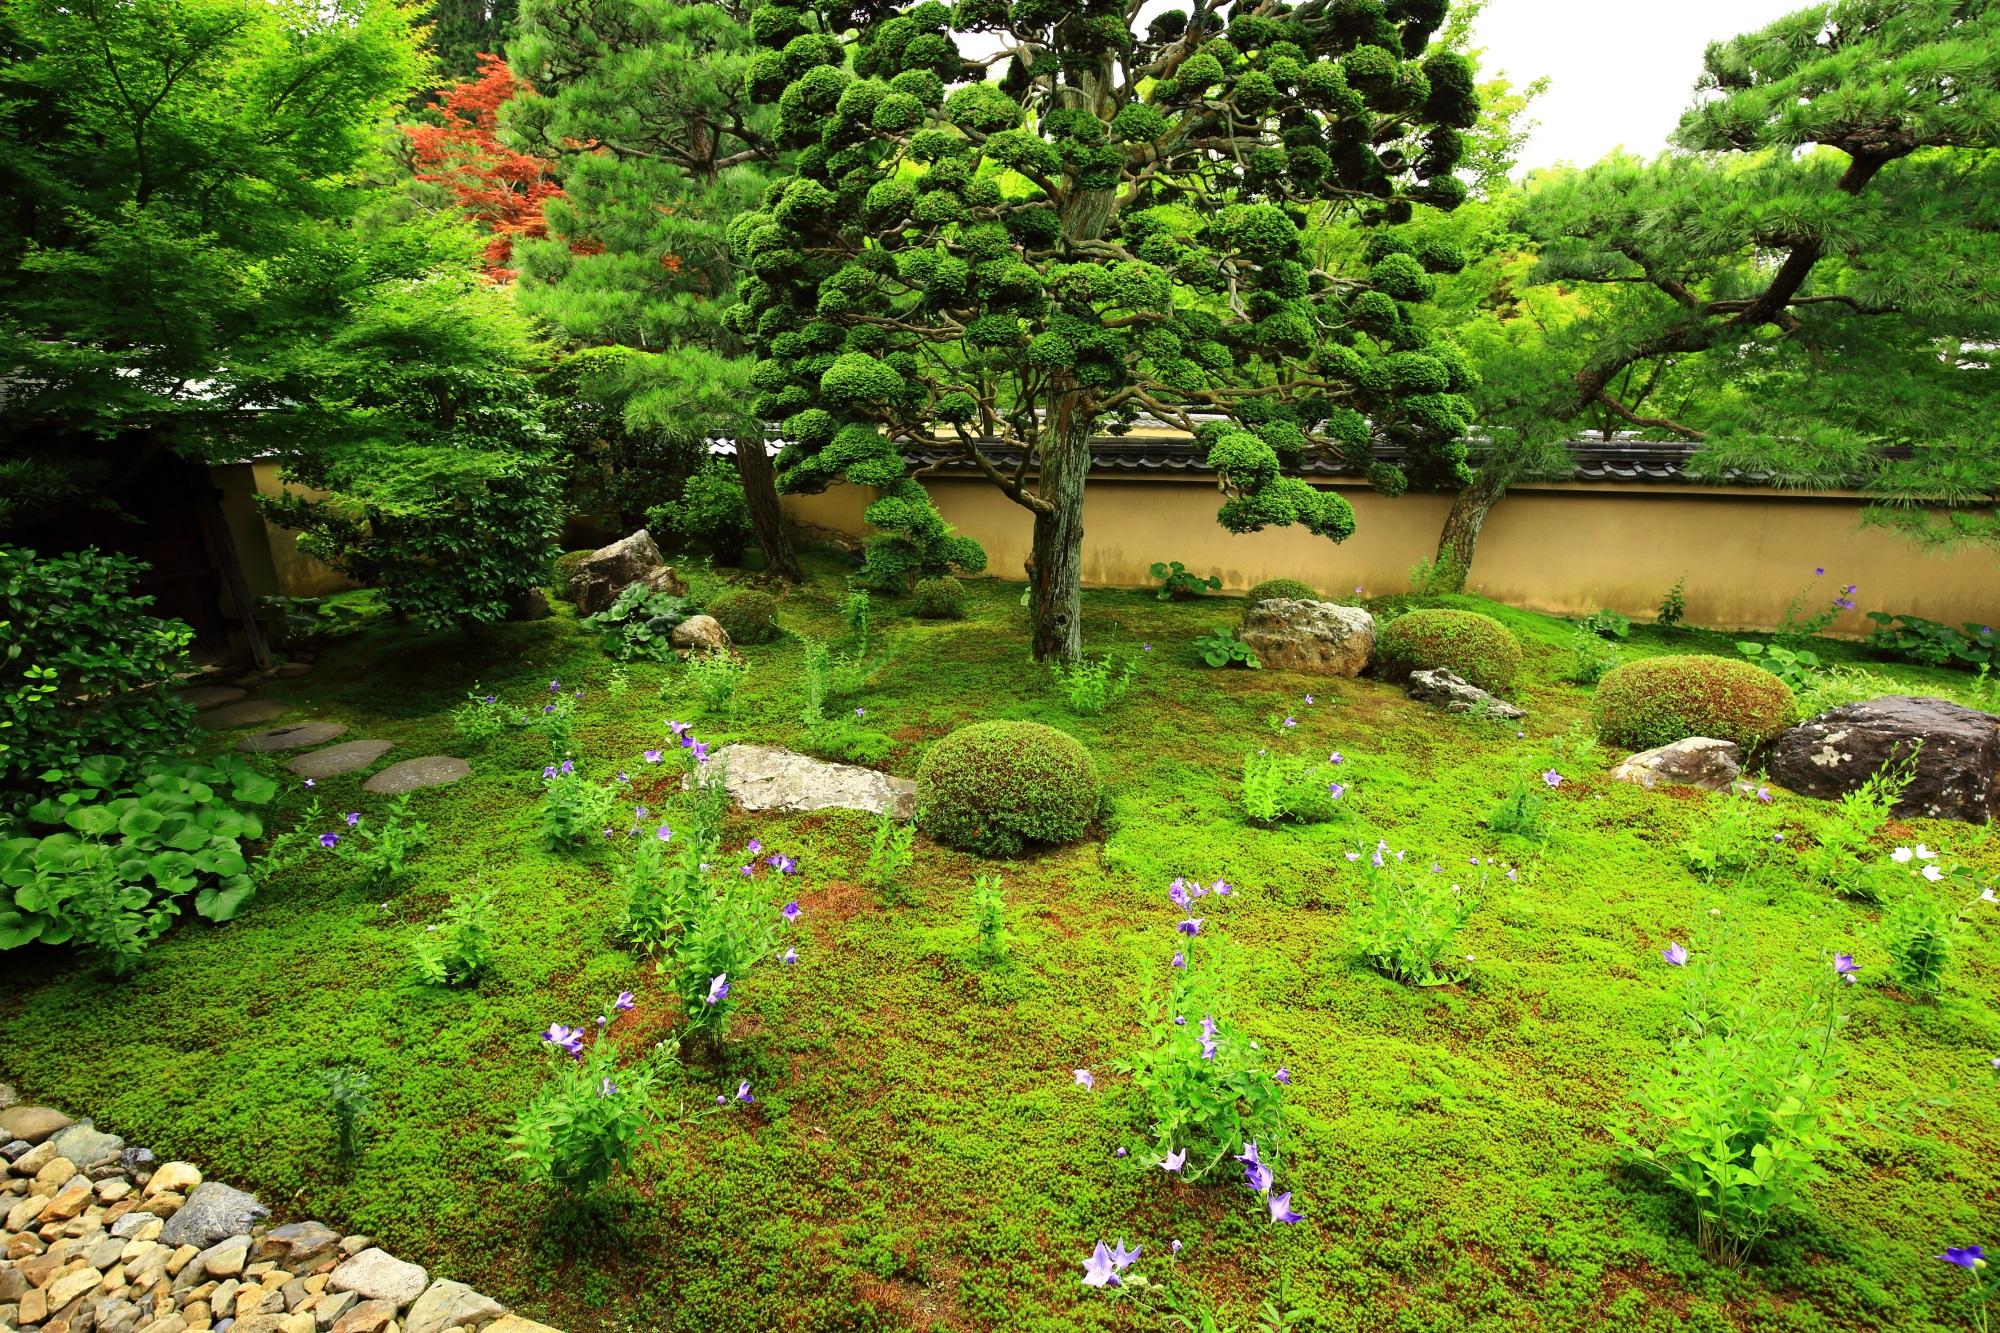 天得院の多種多様な木々や植物につつまれた緑の庭園